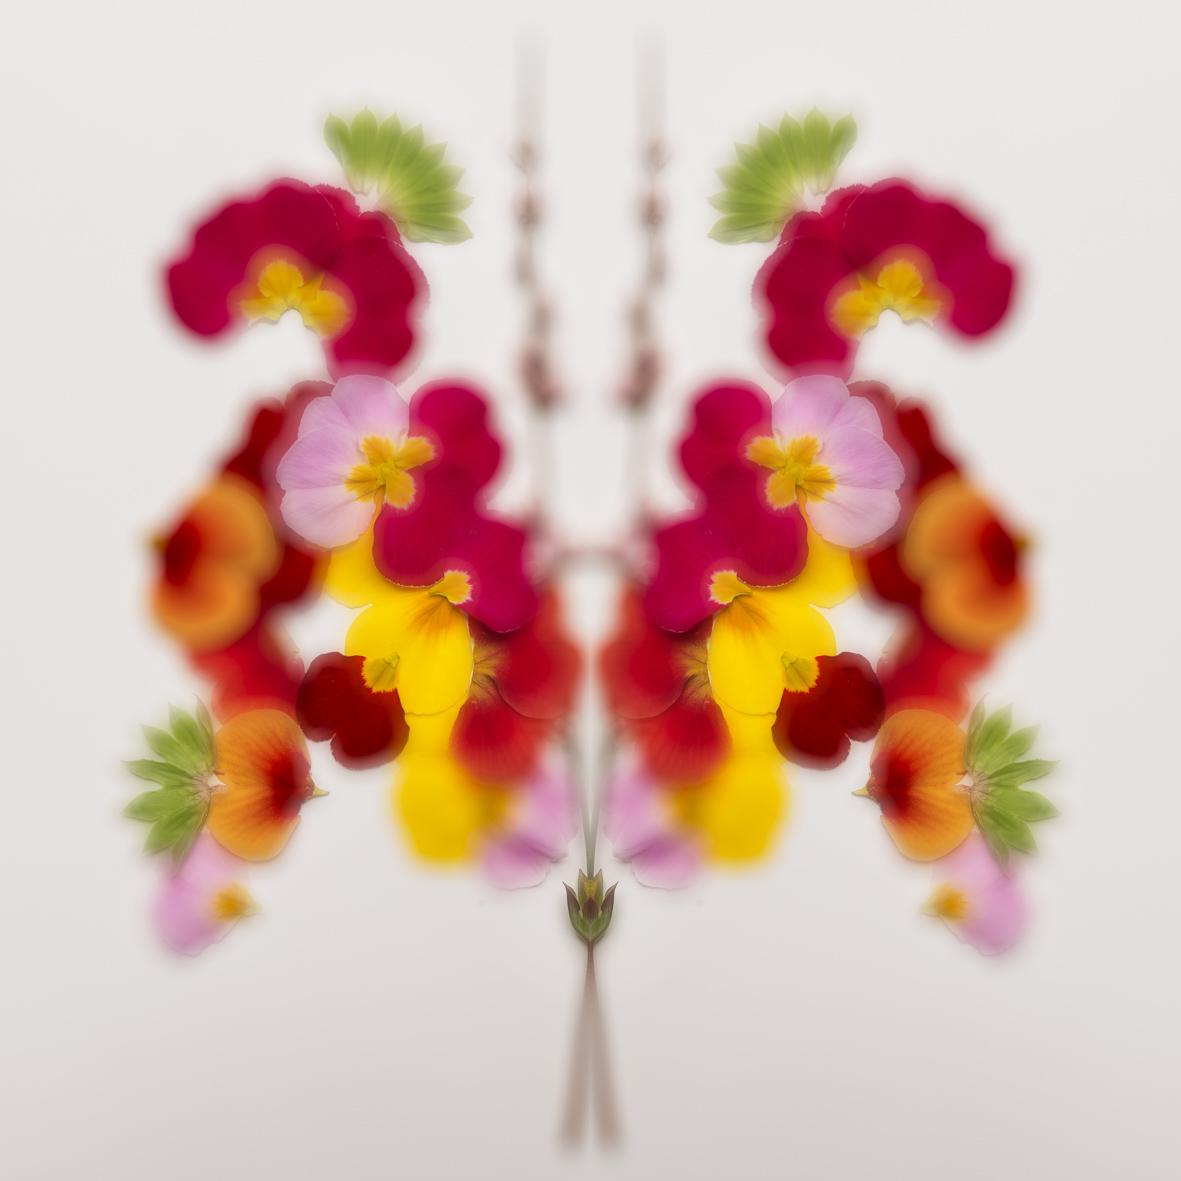 Rorschach Blumen 1.jpg